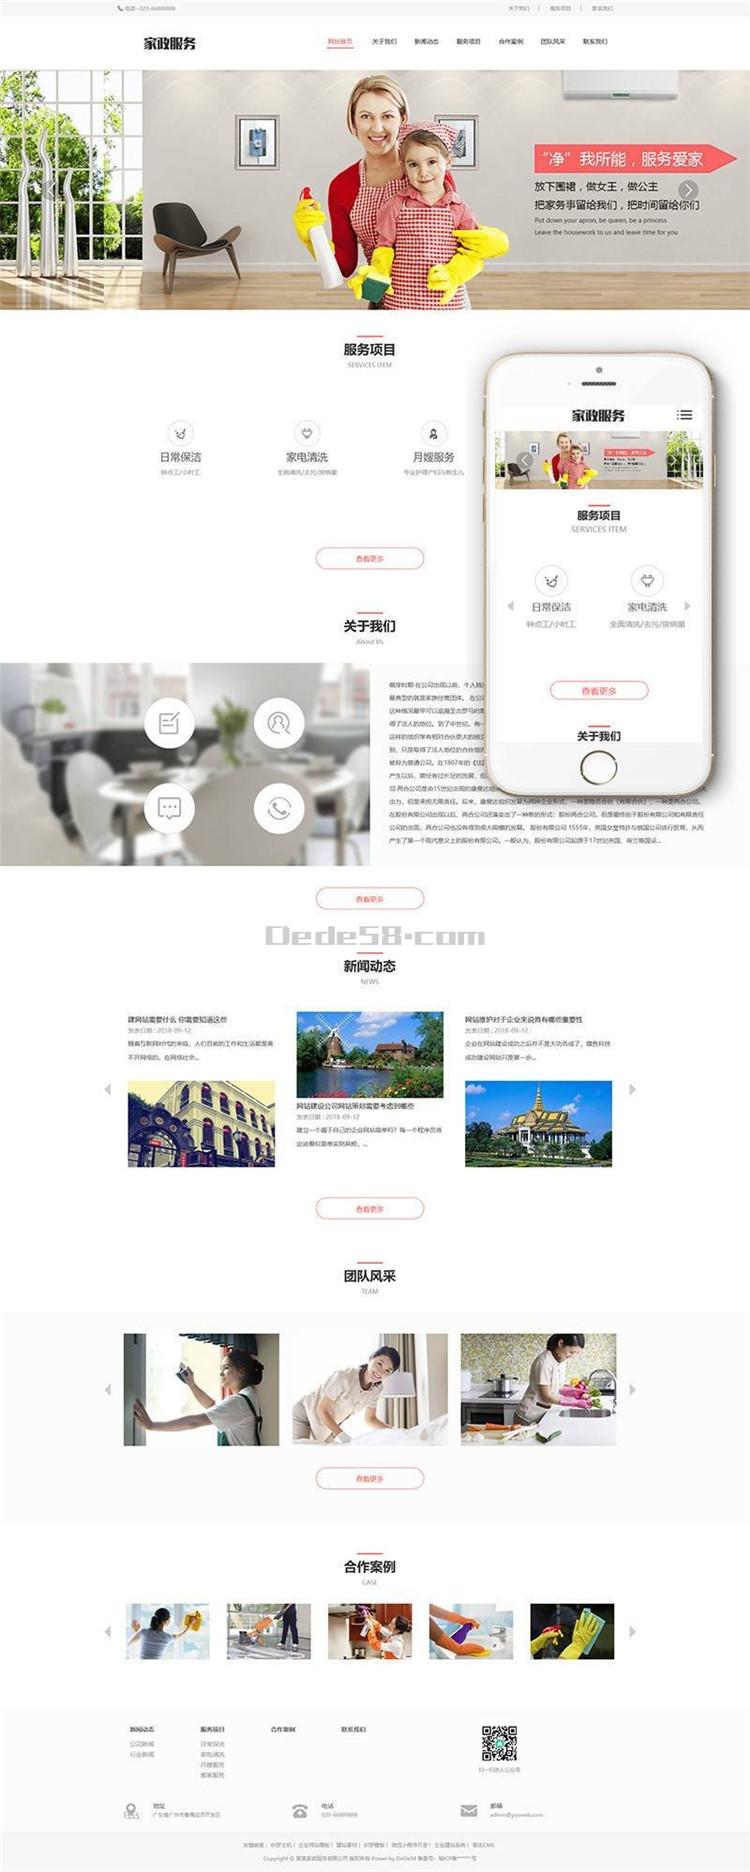 爱上源码网文章dede模板营销型响应式搬家家政生活服务类网站织梦模板(自适应手机端)整站源码的内容插图